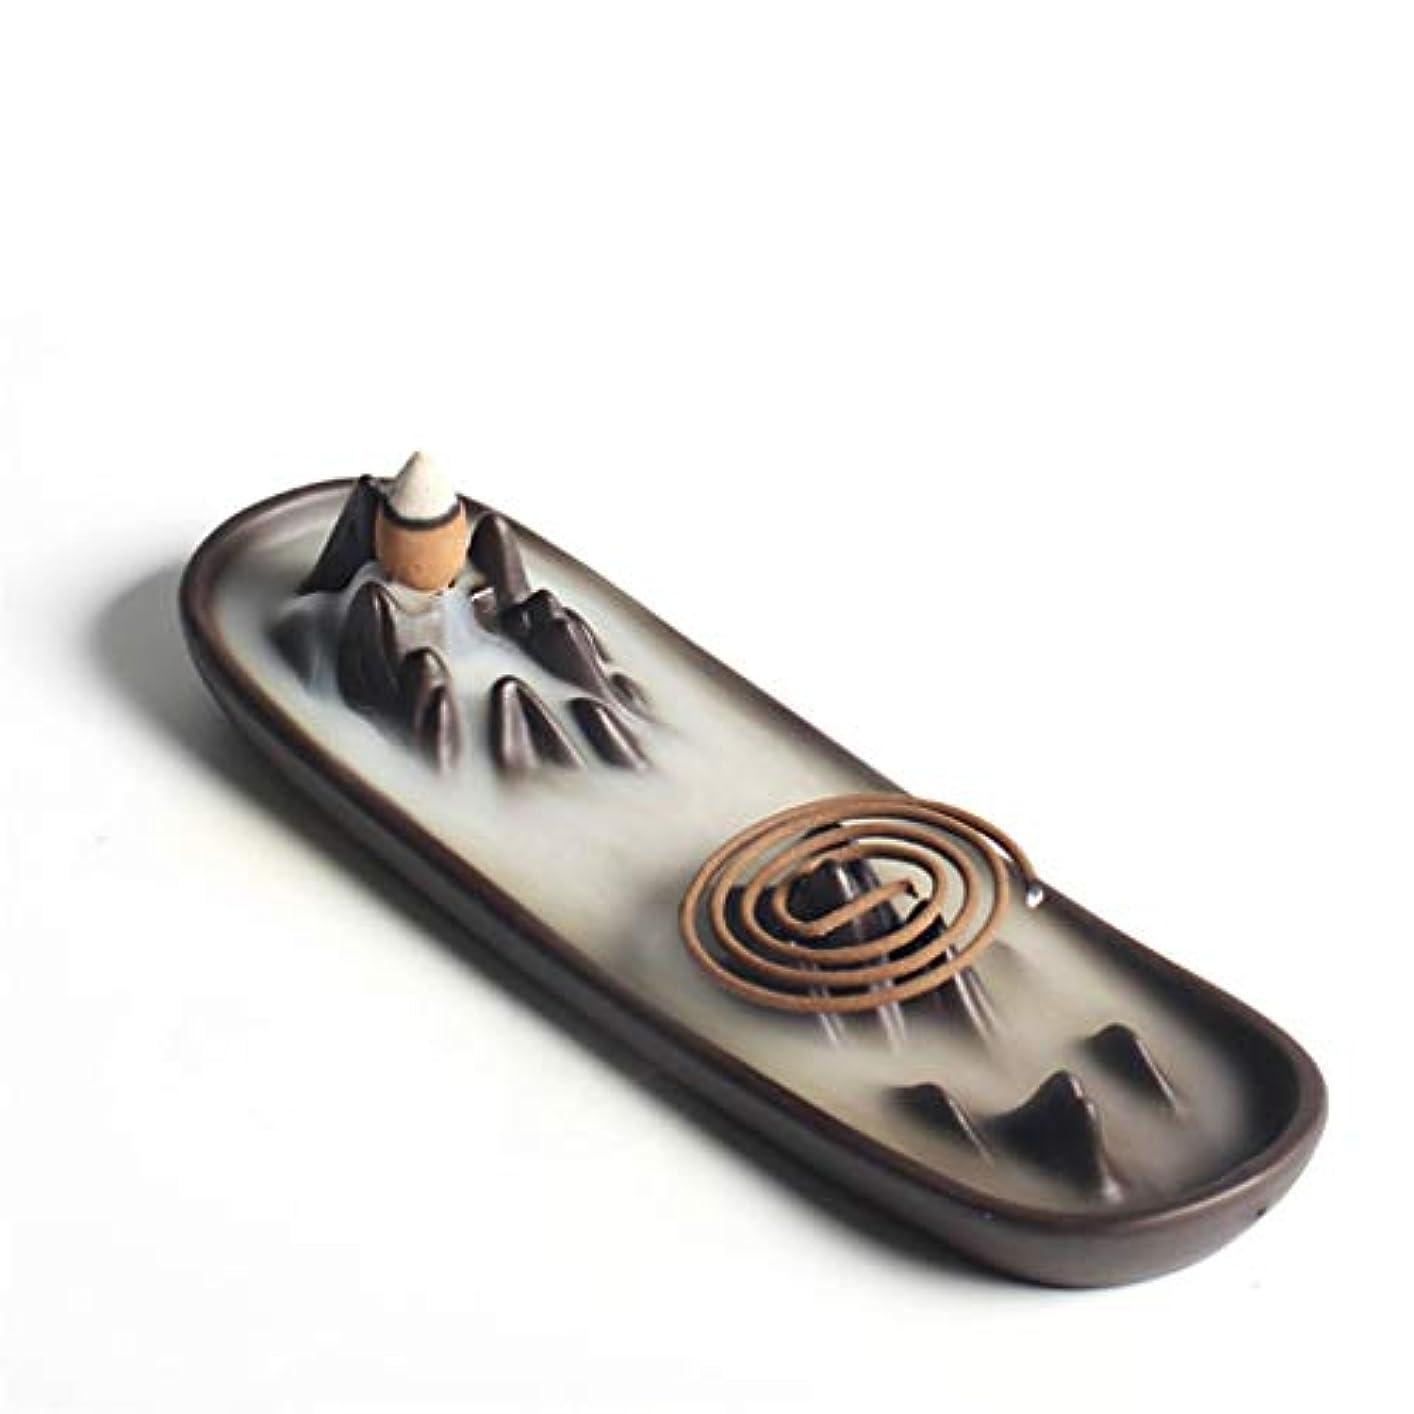 石灰岩巧みなペダルホームアロマバーナー 逆流香バーナー家の装飾セラミックアロマセラピー仏教の滝香炉香コイルスティックホルダー 芳香器アロマバーナー (Color : A)